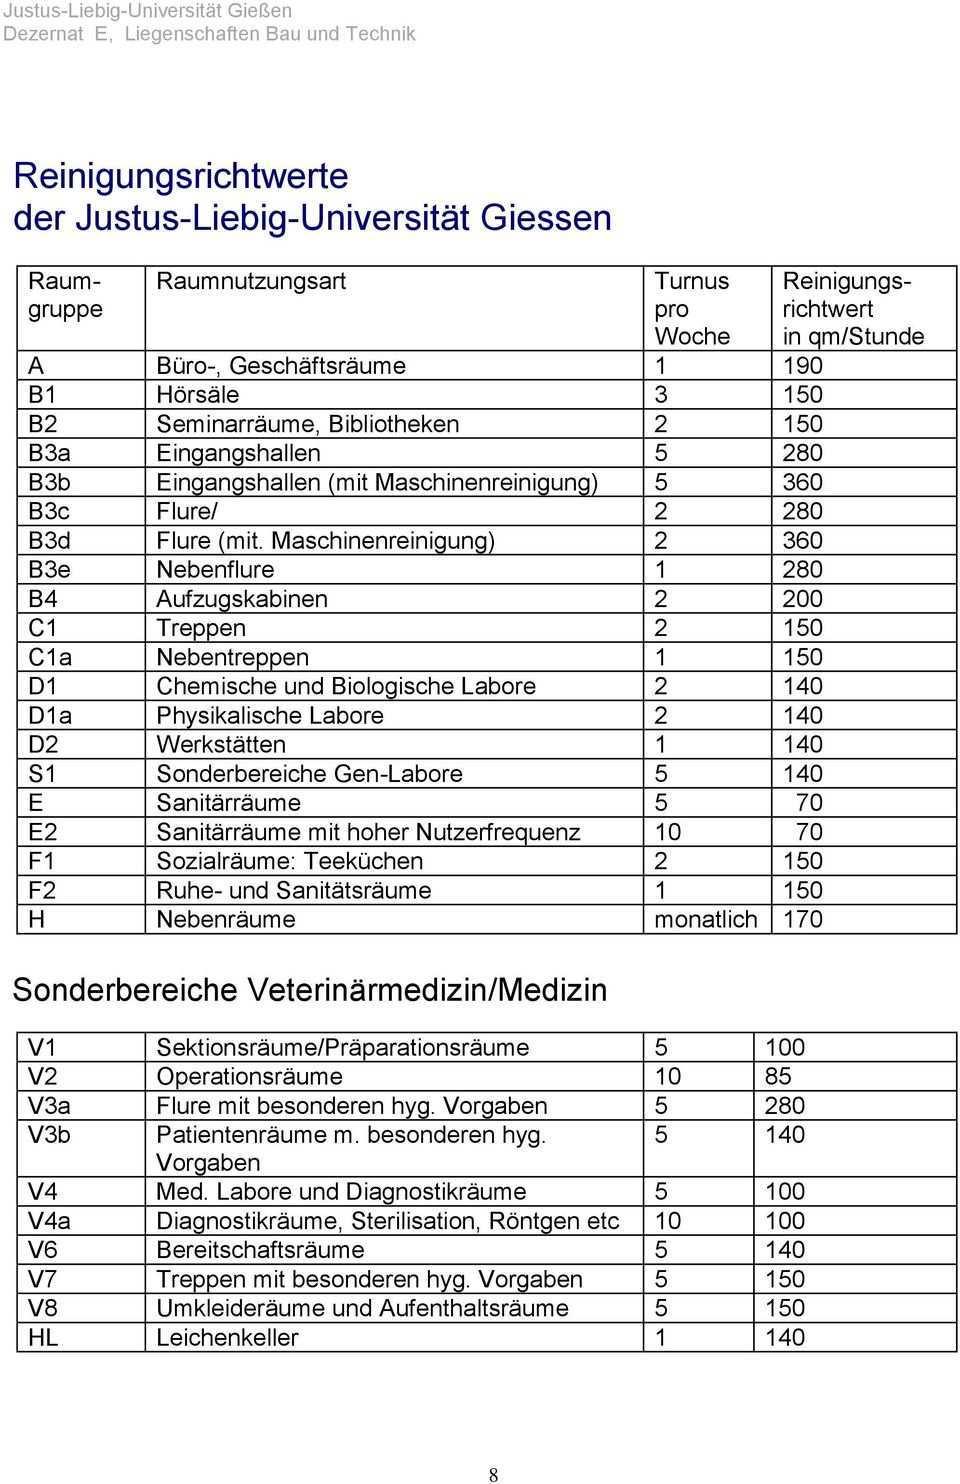 Reinigungsrichtlinien Der Justus Liebig Universitat Giessen Pdf Free Download